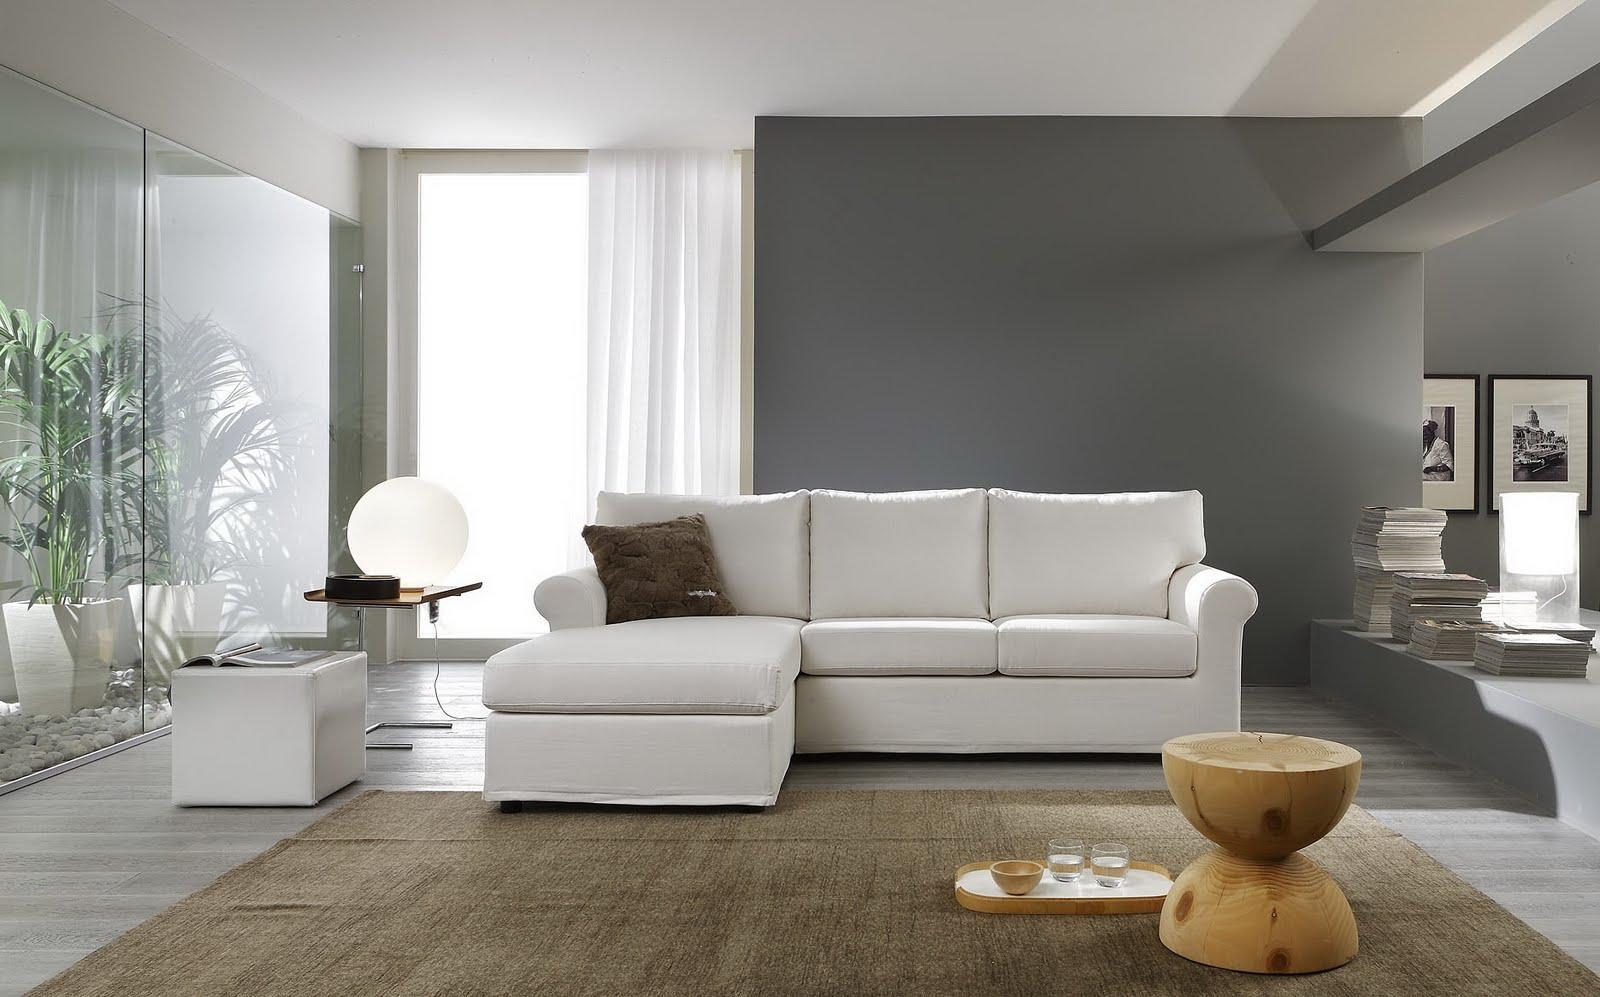 Divani blog tino mariani collezione di divani e for Divani bianchi moderni